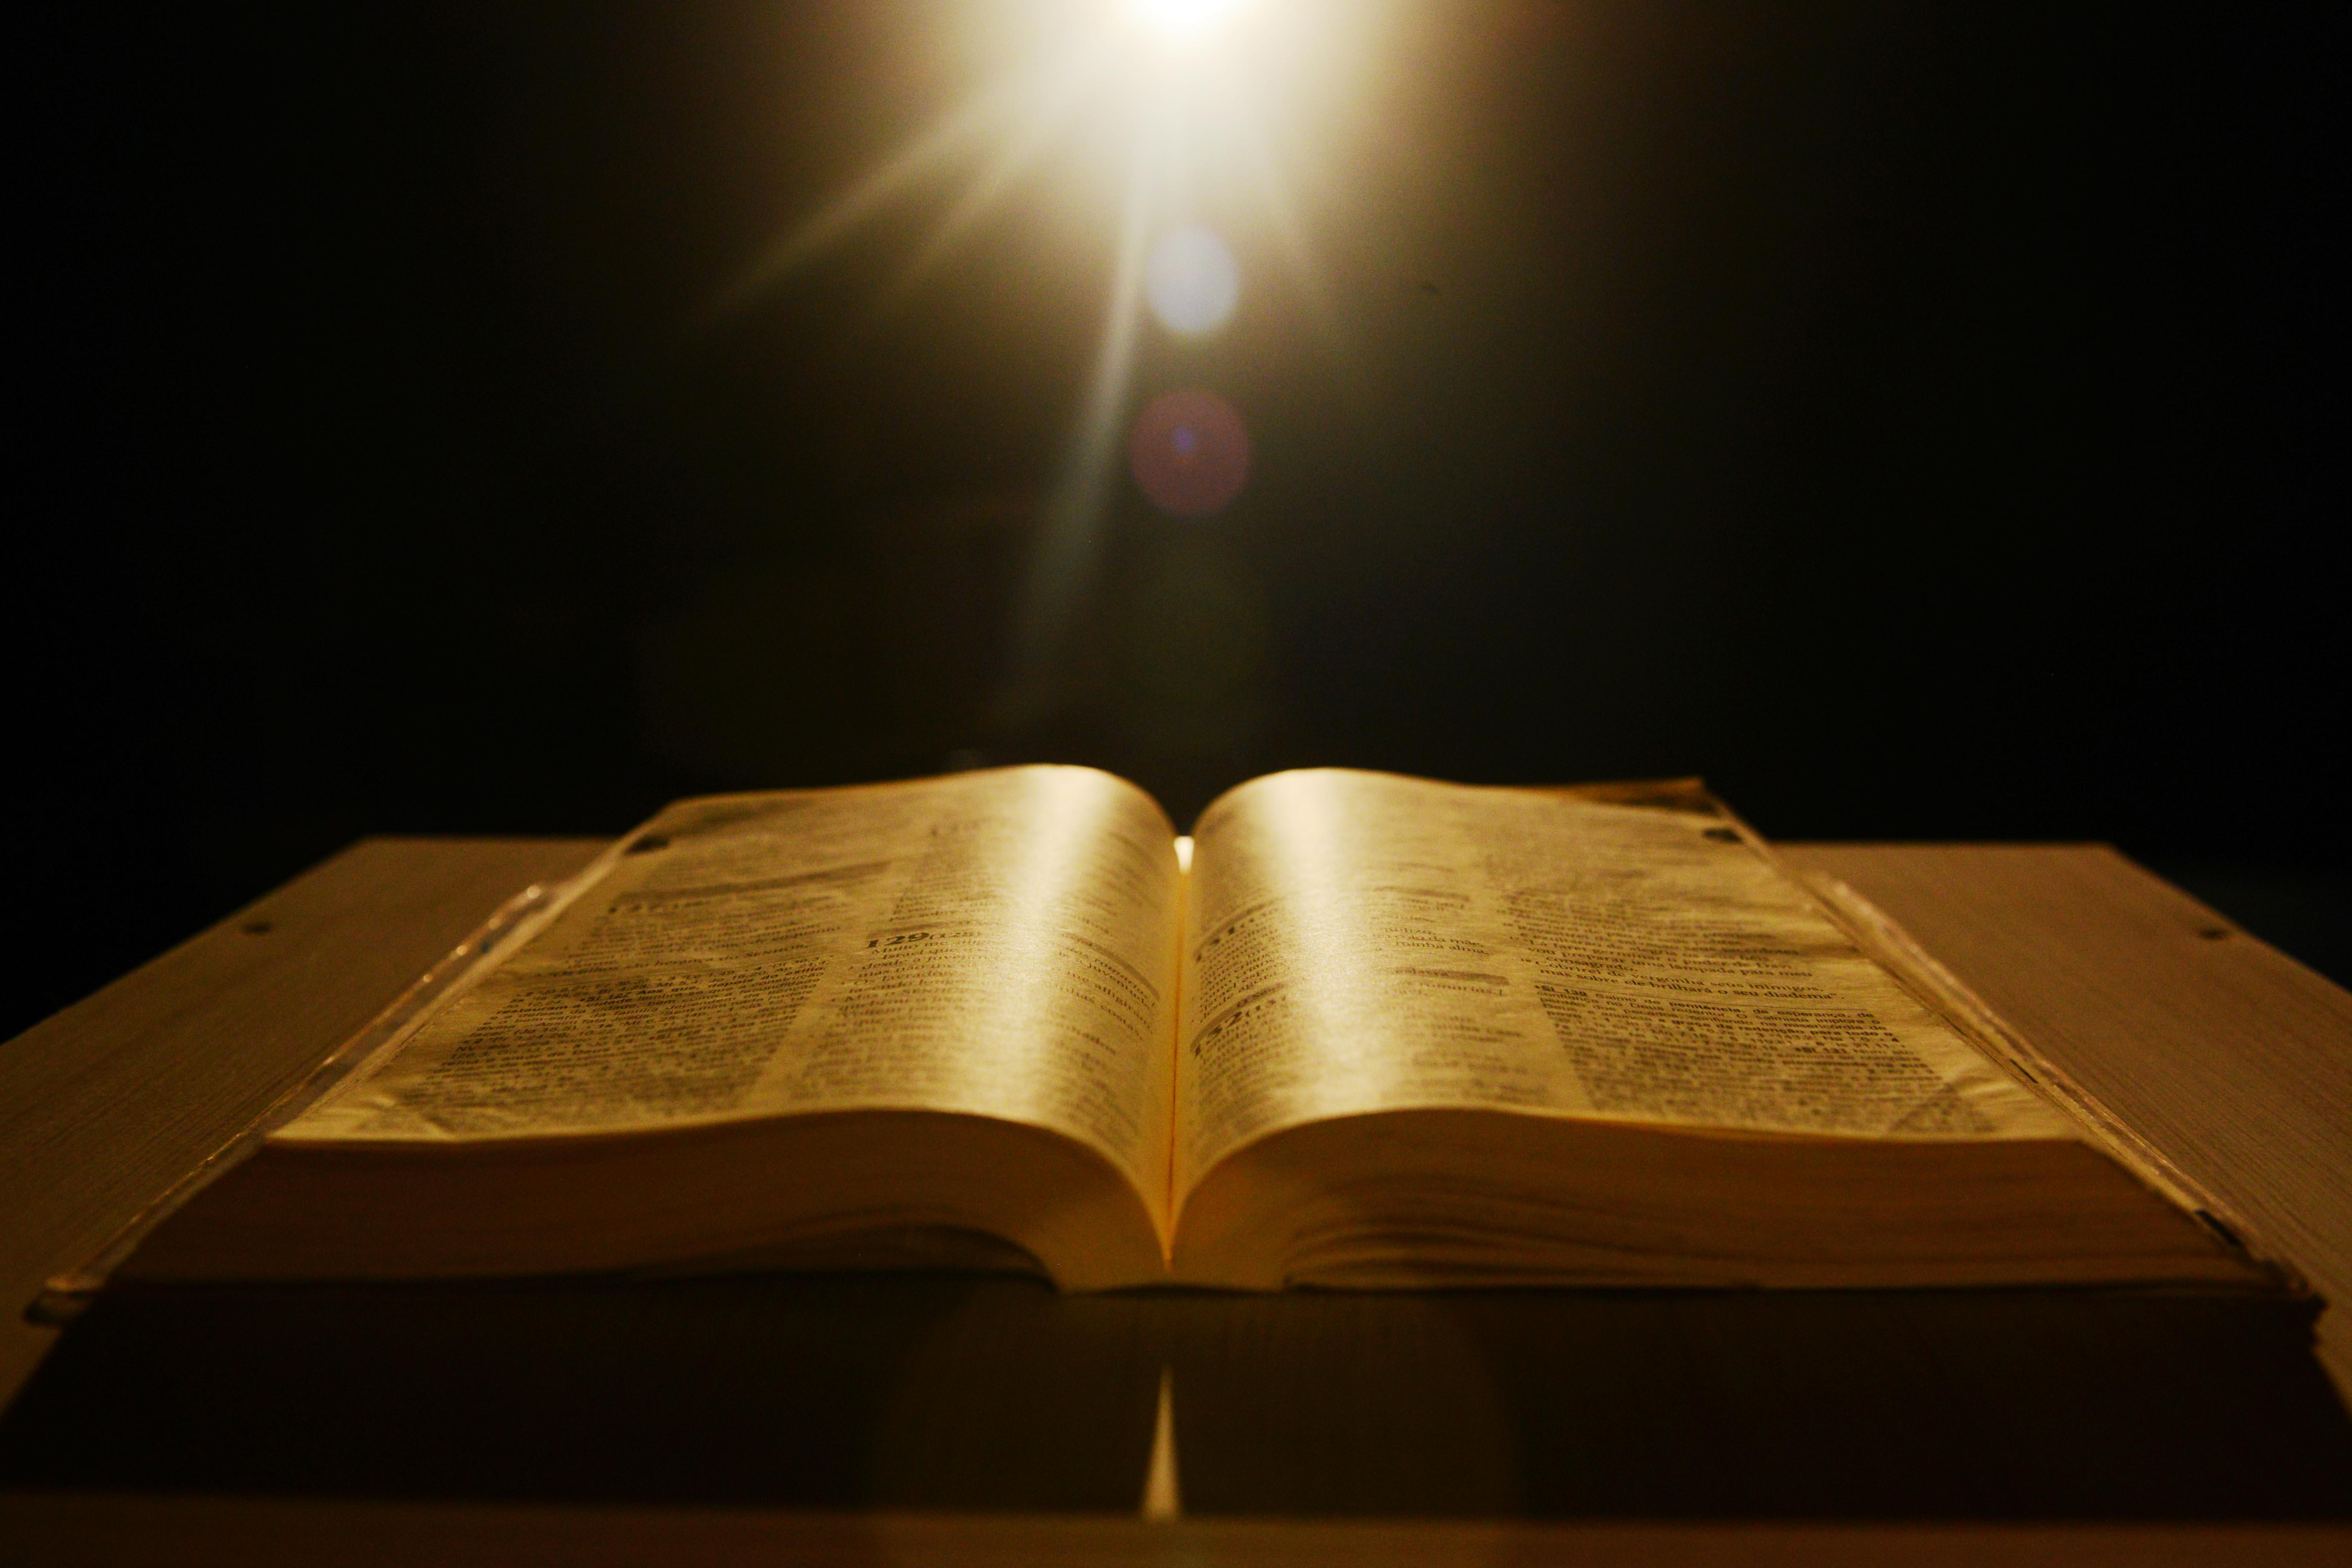 [:pb]Mes de La Biblia[:] - Santuário do Pai das Misericórdias